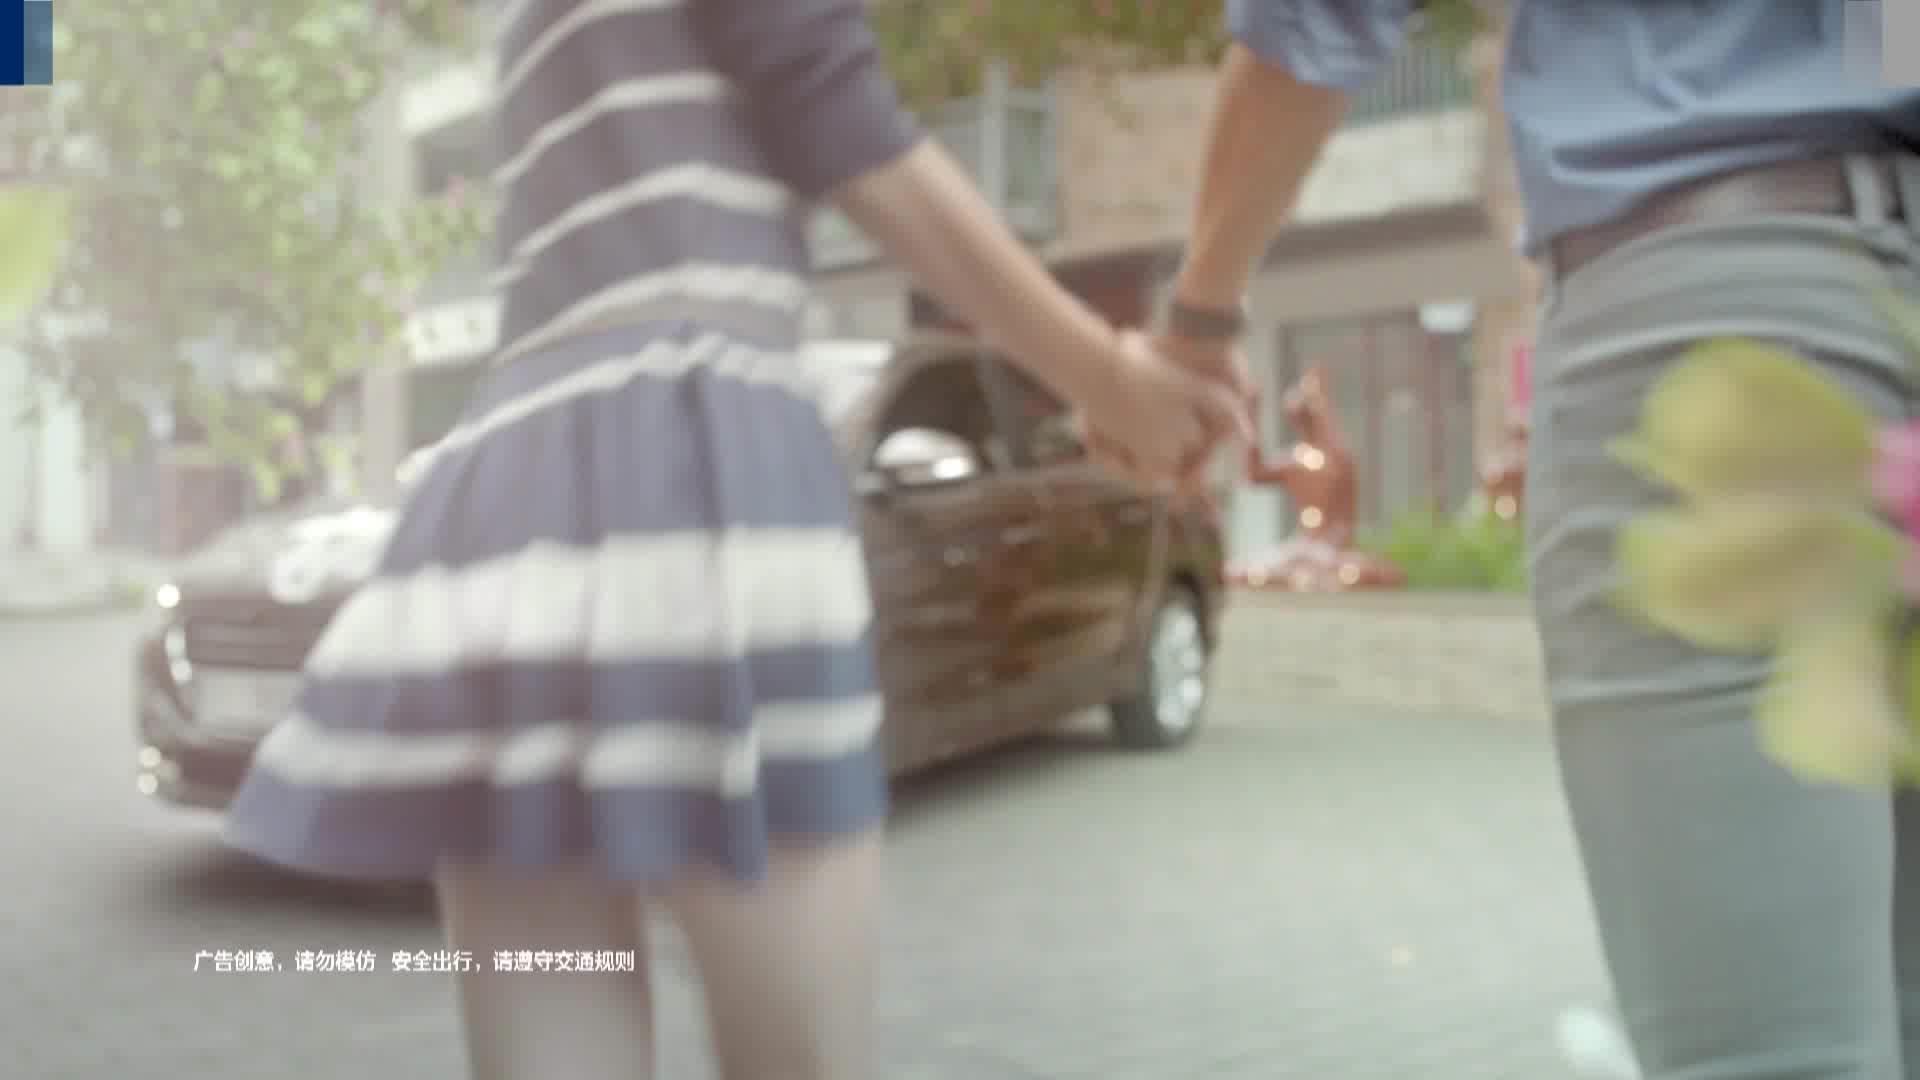 东风标致3008创意电视广告高清图片